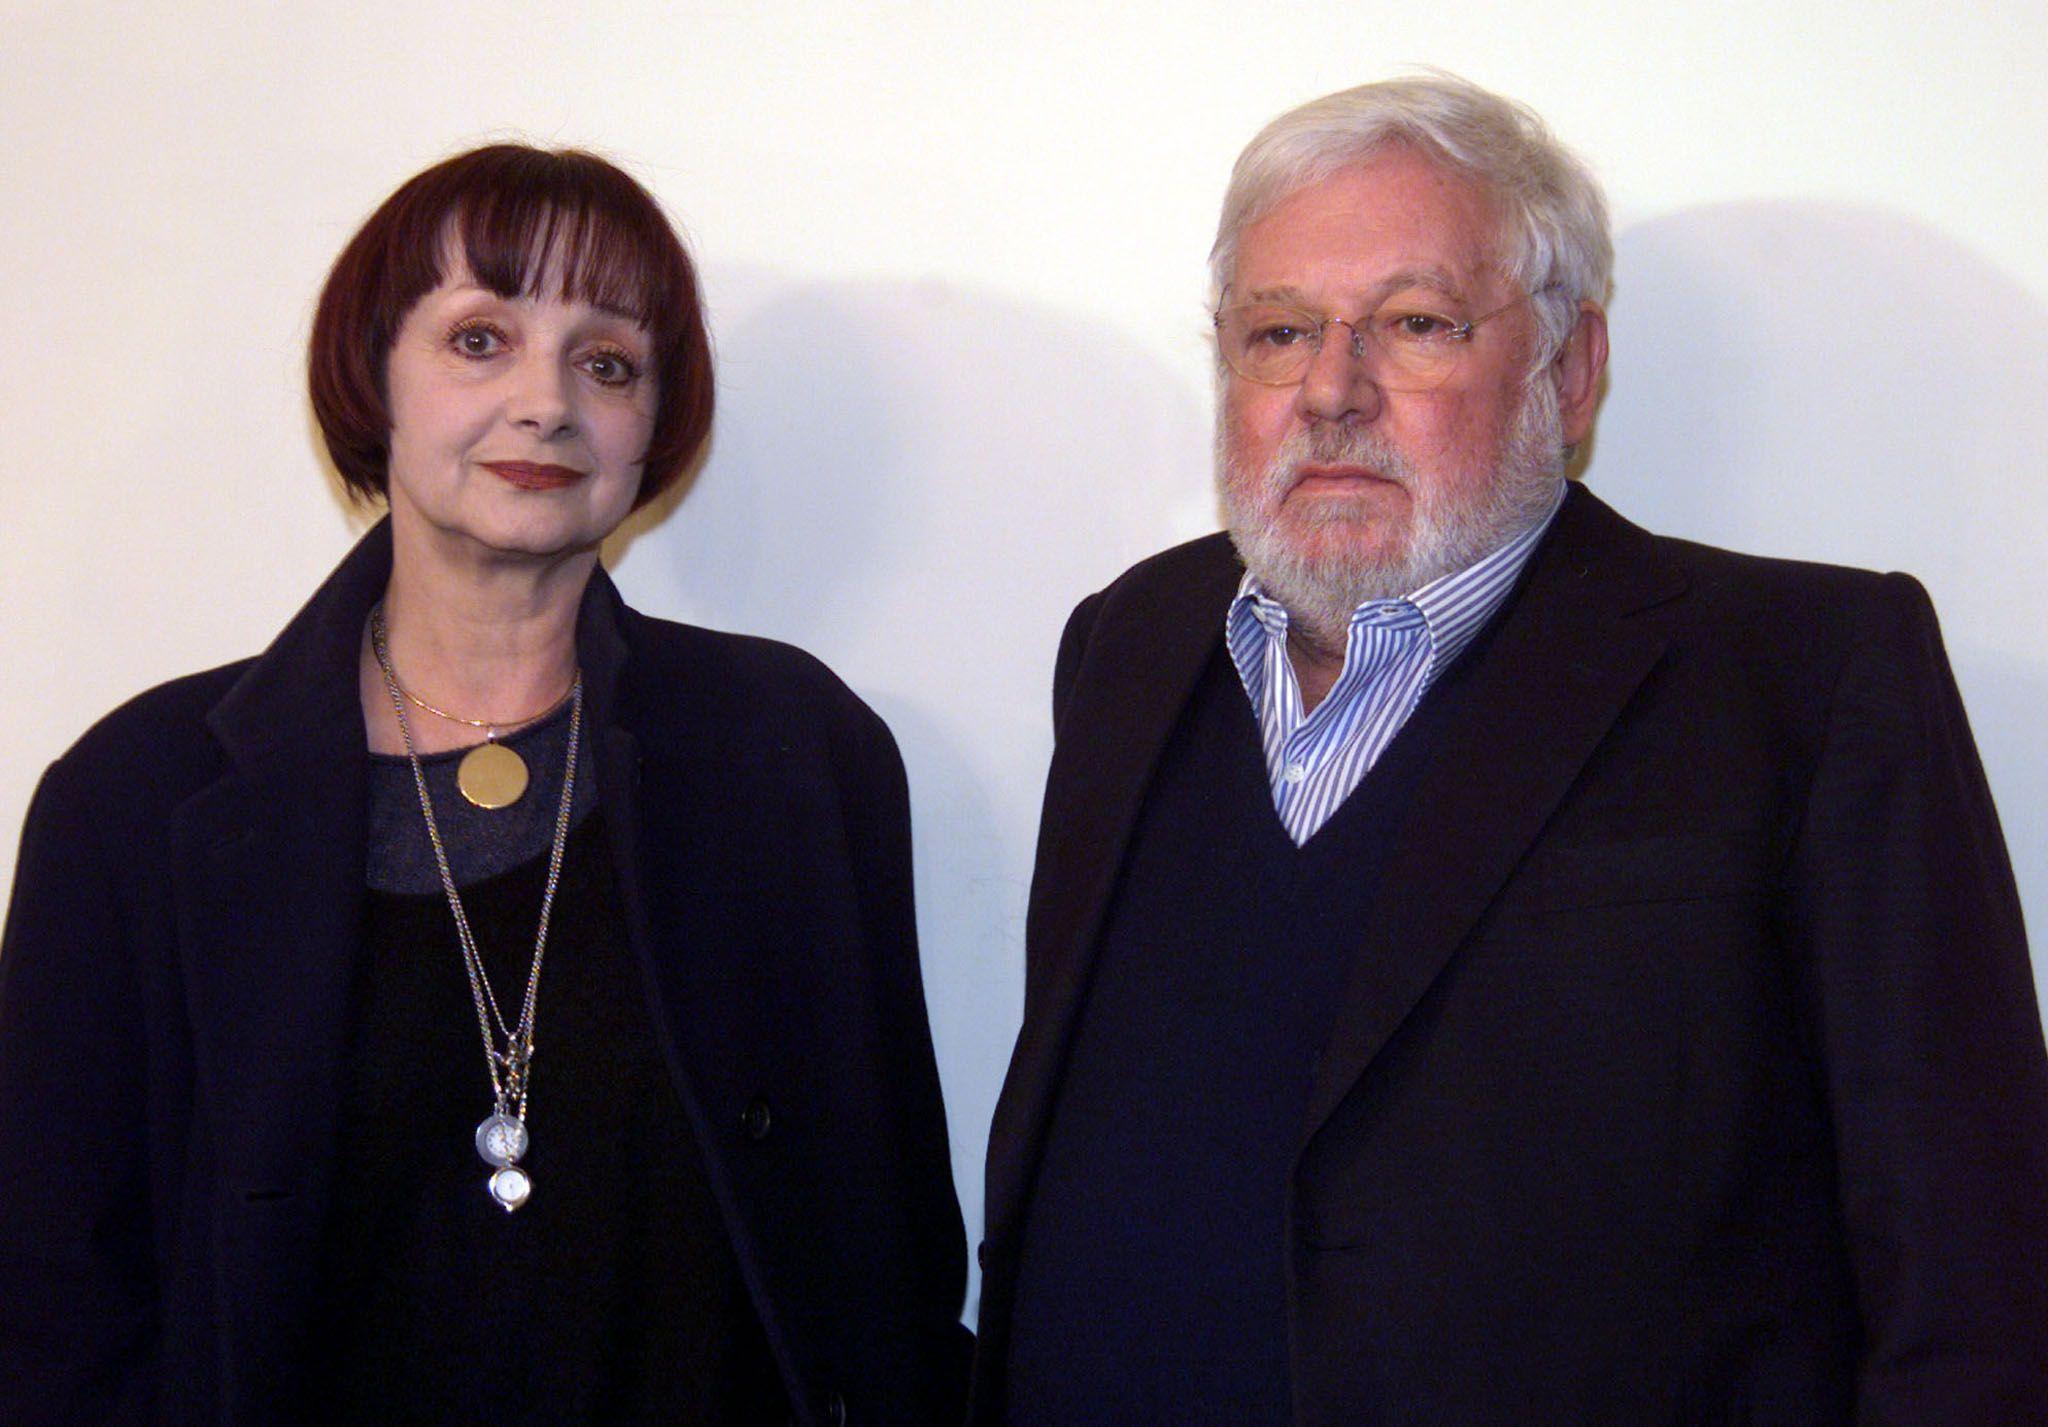 Milena Vukotic su Paolo Villaggio: 'Eravamo una coppia di fatto'